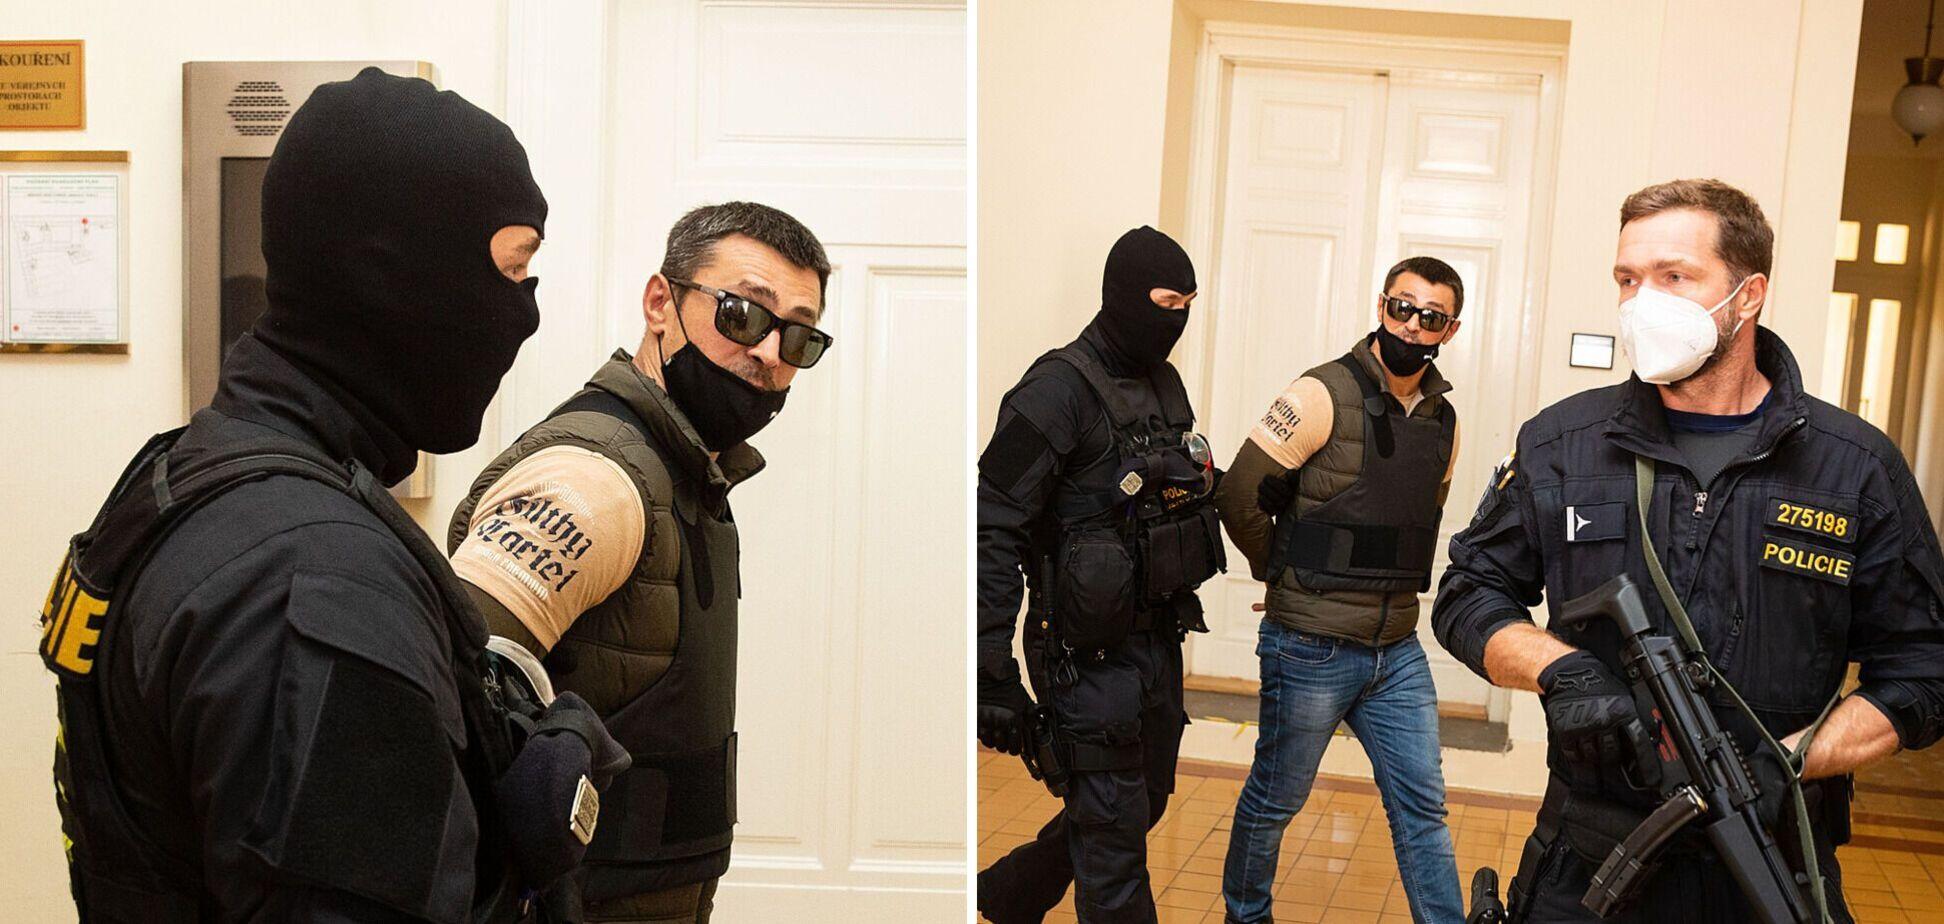 В Чехии суд арестовал участника 'крымской весны' Франчетти, задержанного по запросу Украины. Фото